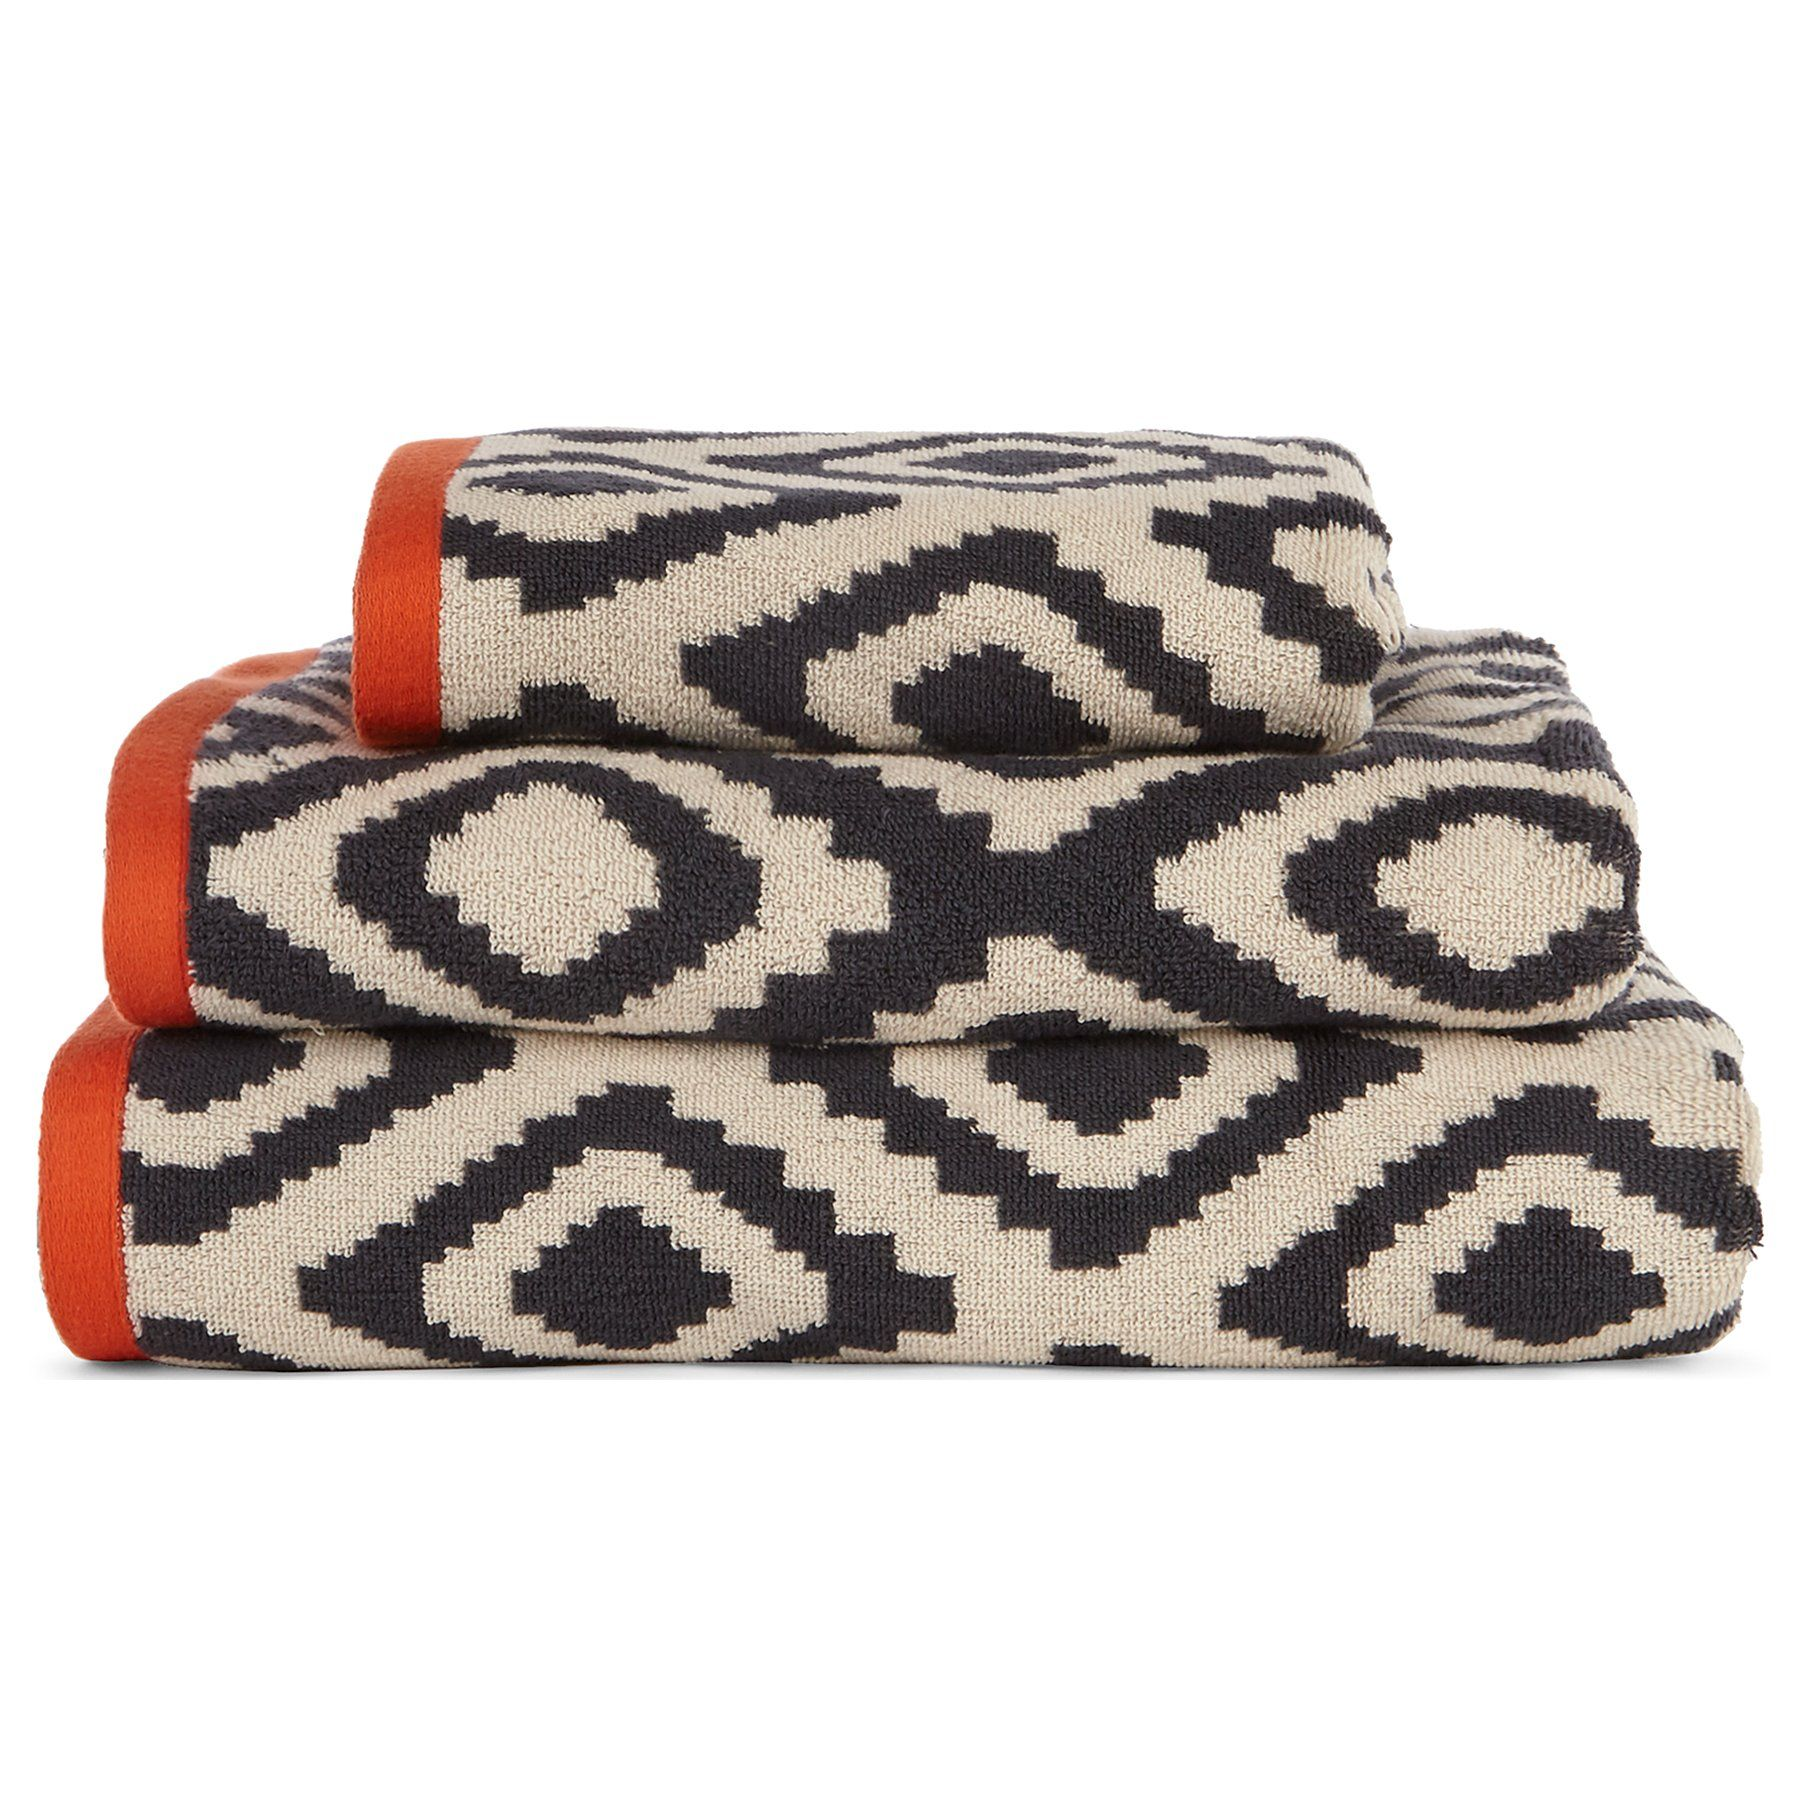 Aztec Cotton Towel Range Towels Bath Mats George At Asda Towel Bath Mats Cotton Towels Cotton Bath Towels